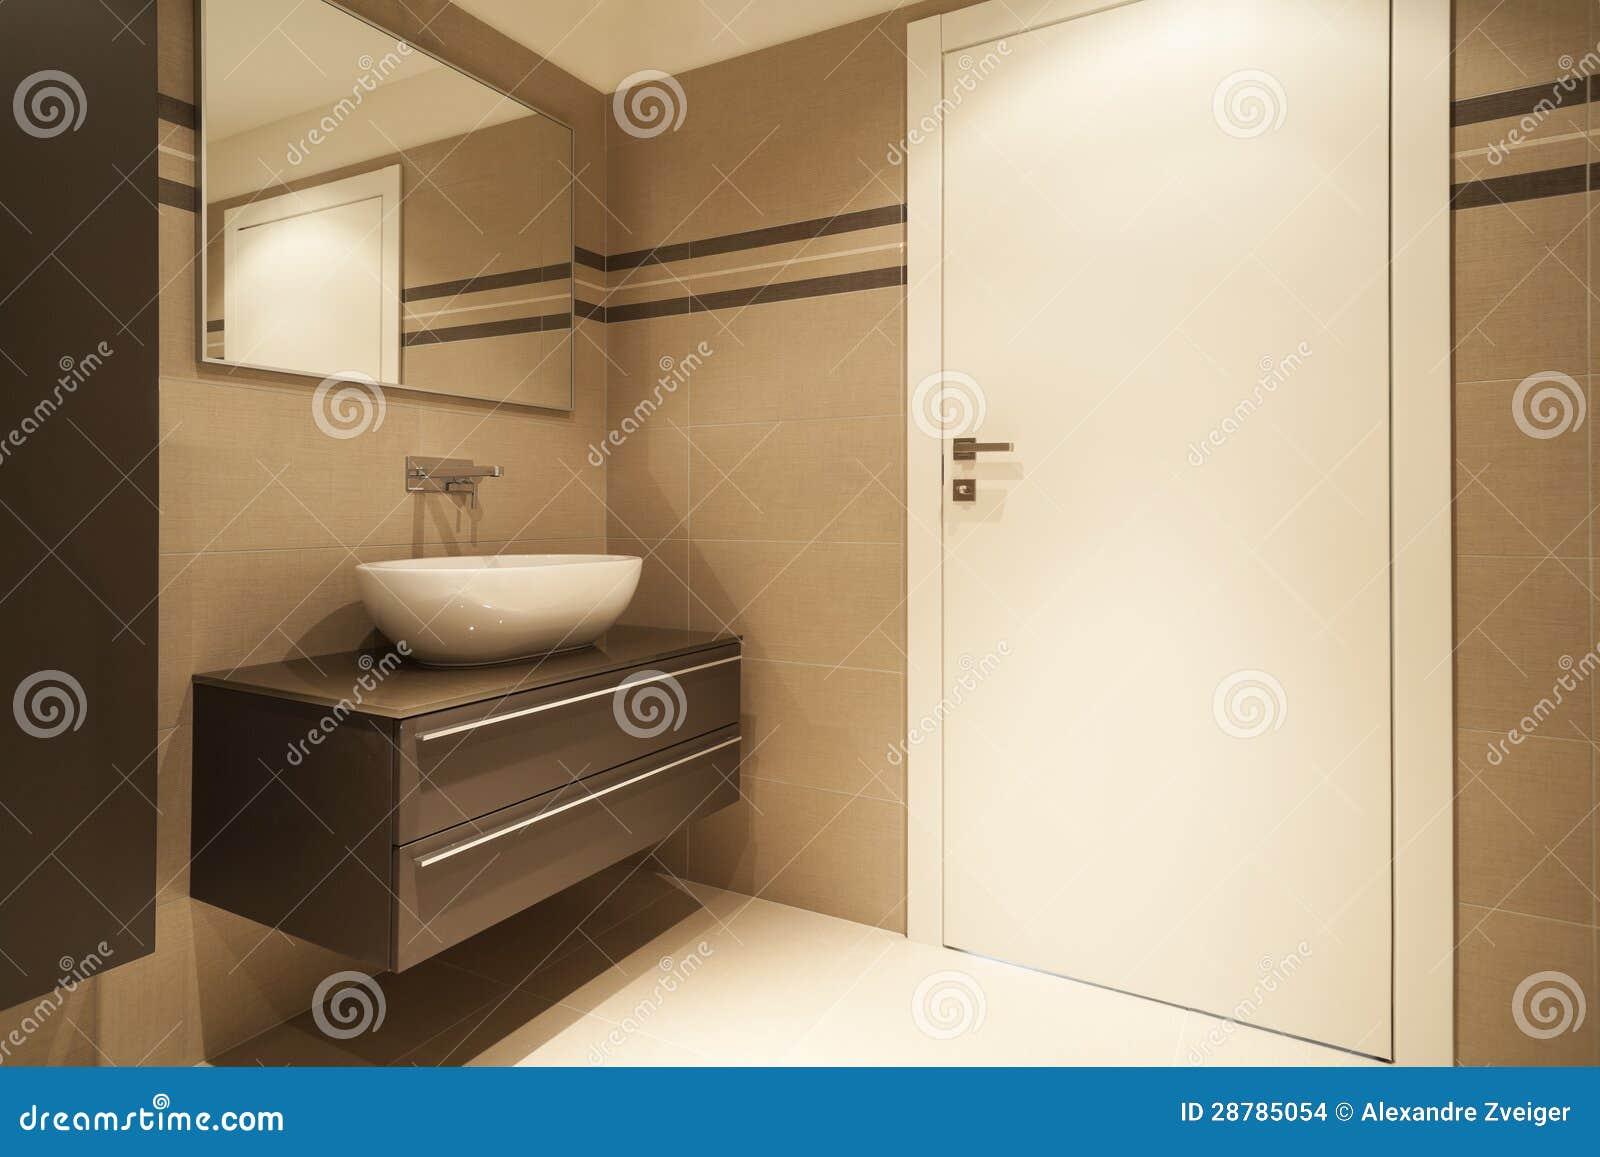 Casa Interior Banheiro Imagens de Stock Imagem: 28785054 #86A922 1300x957 Arquitetura Interior Banheiro